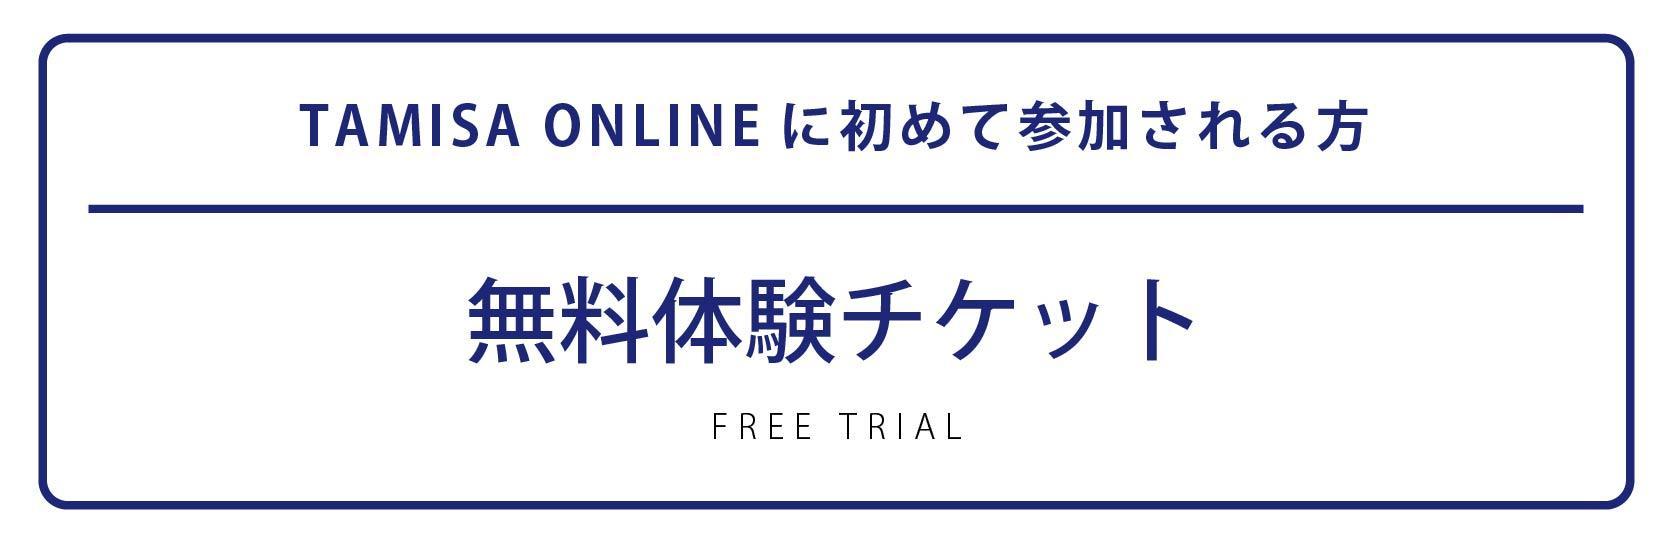 tamisa_online-04.jpg